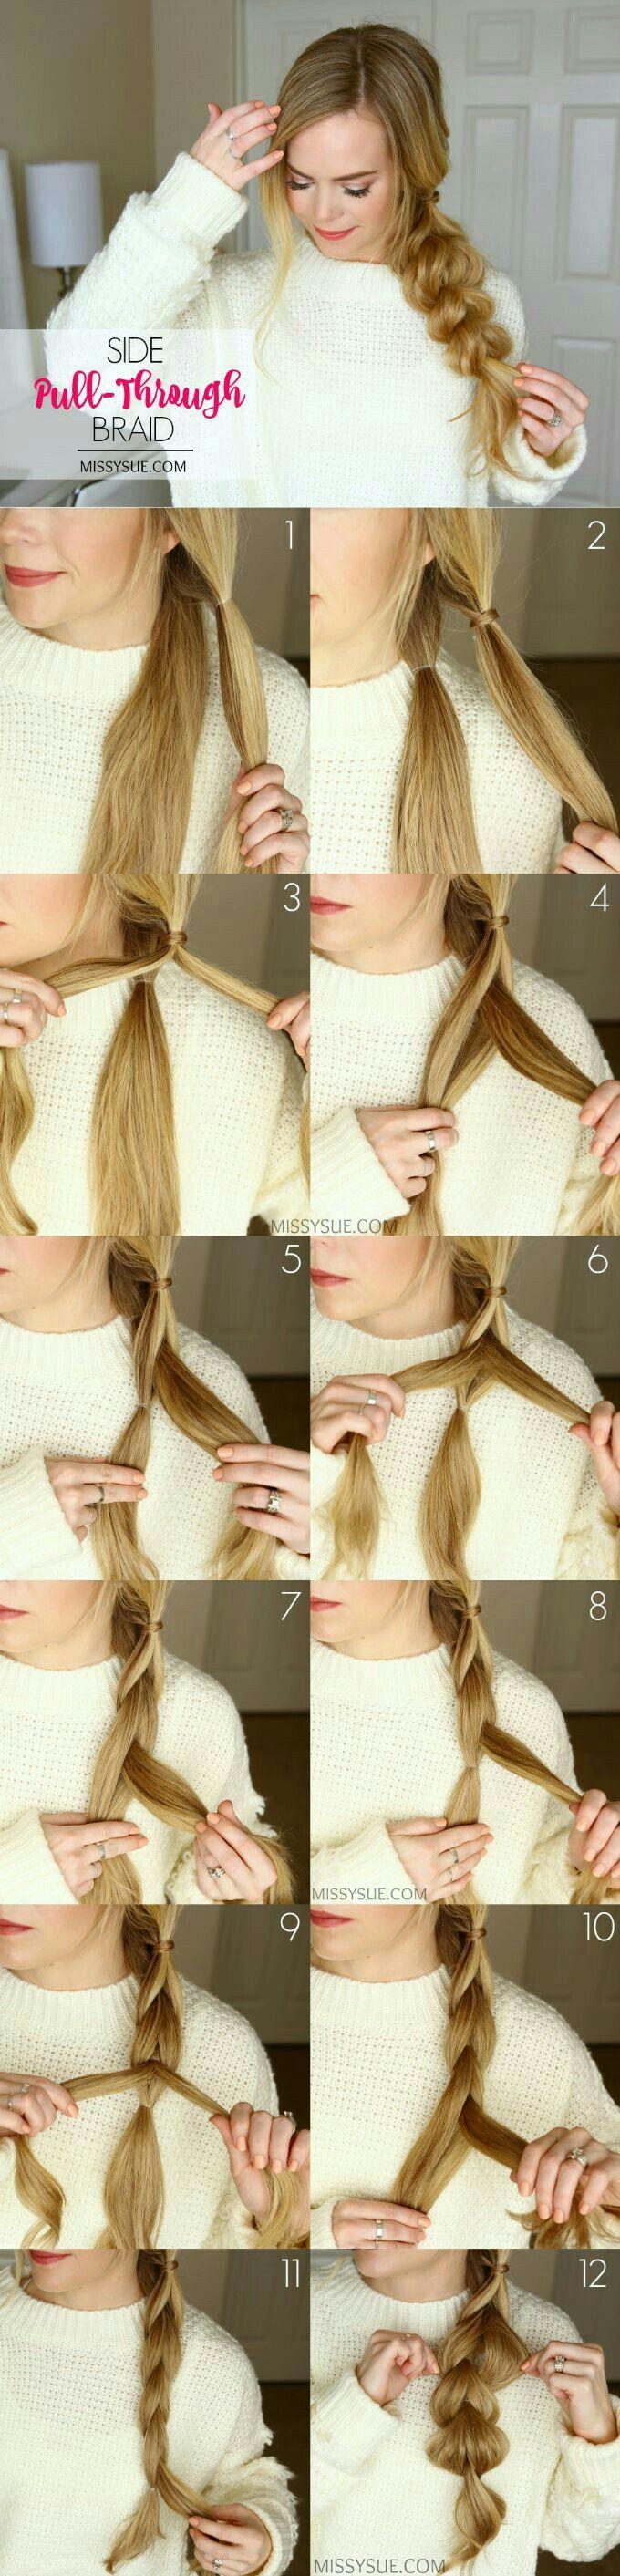 4831 best Hair images on Pinterest